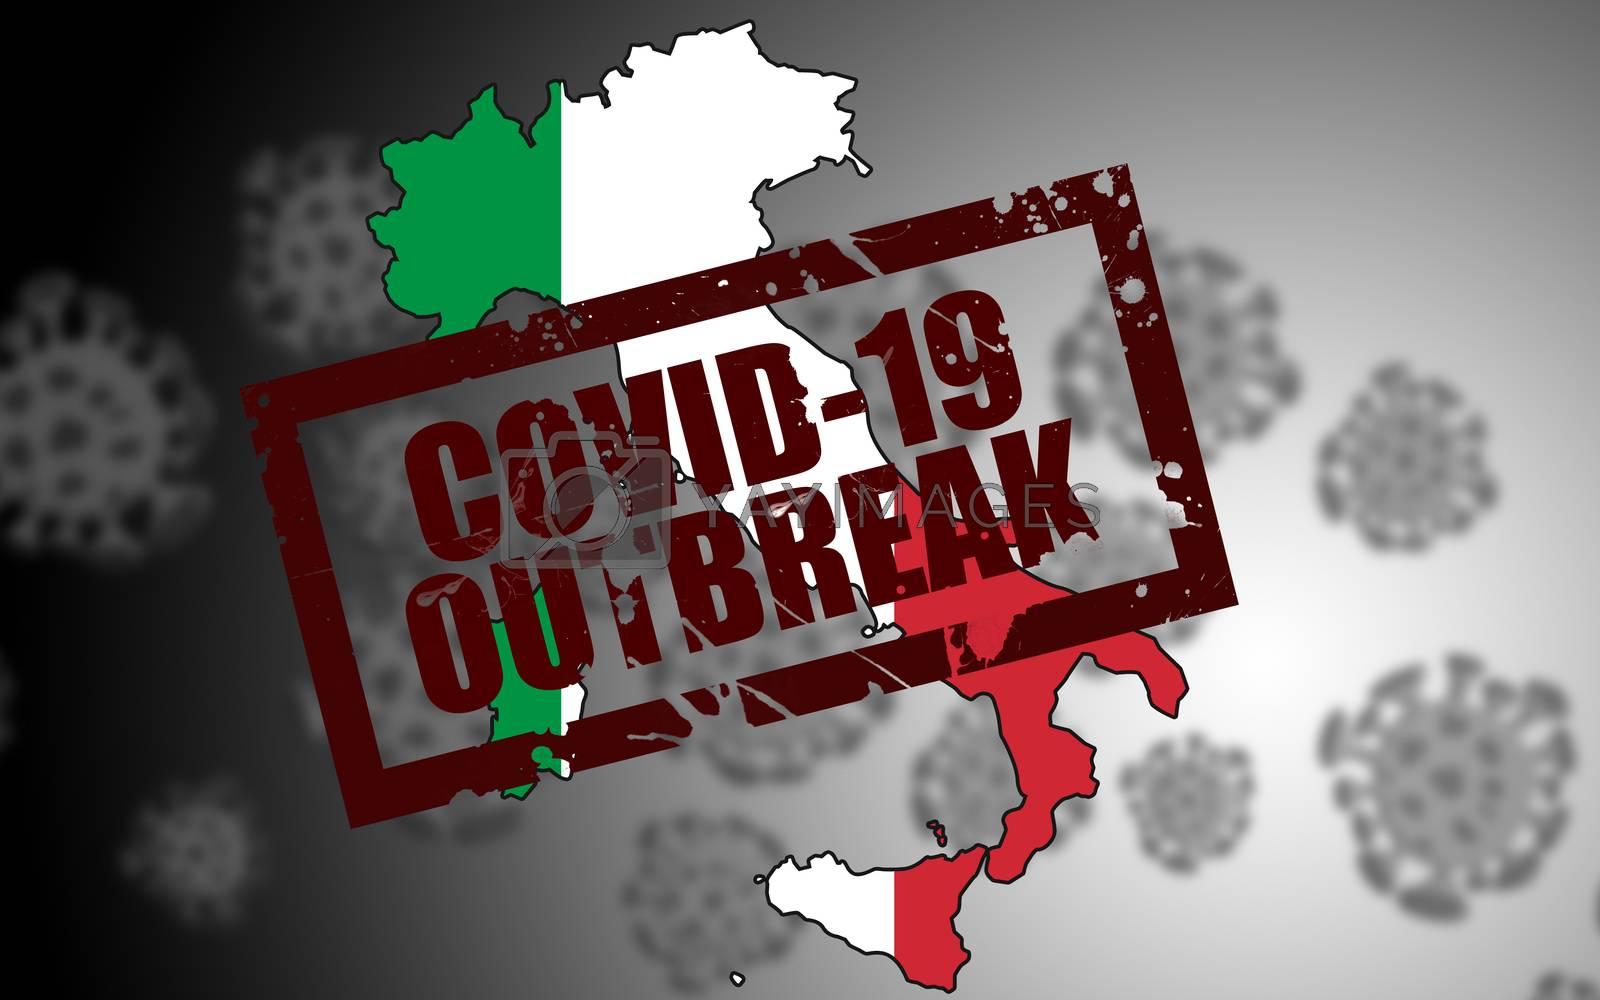 Covid-19 virus outbreak in Italy. 3d rendering